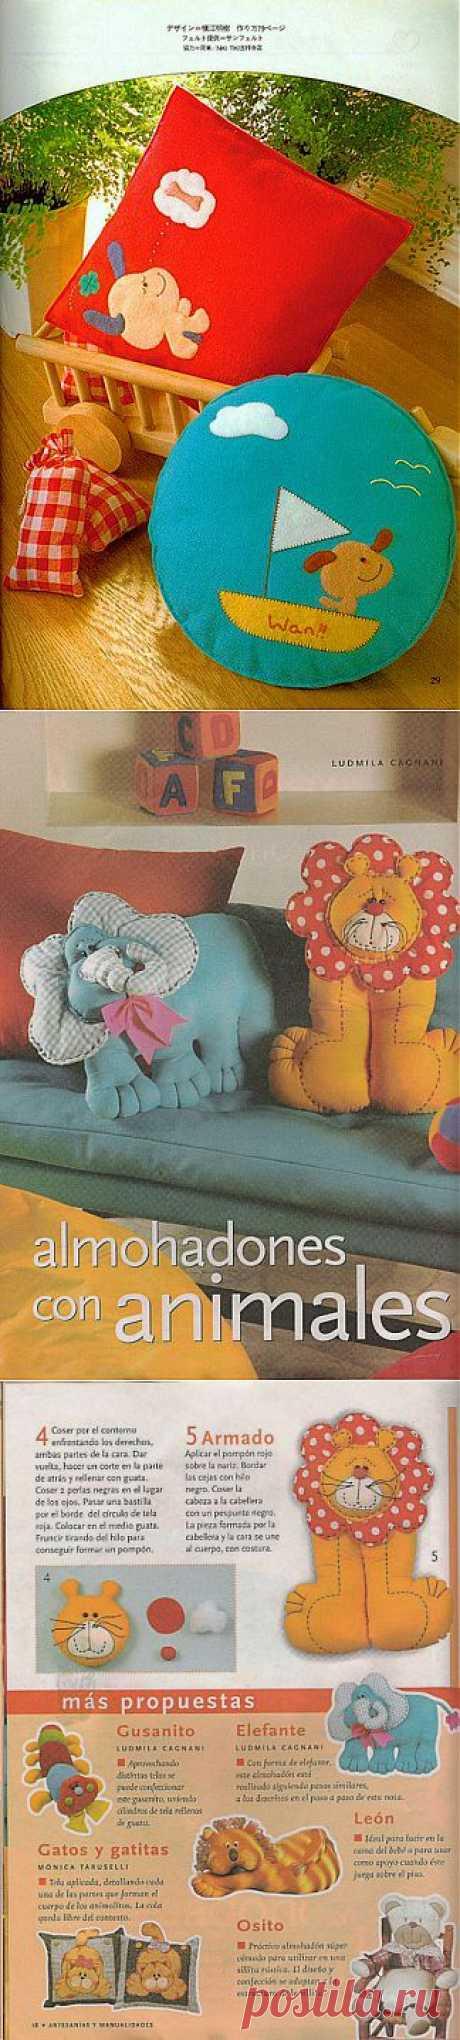 Забавные детские подушки!.